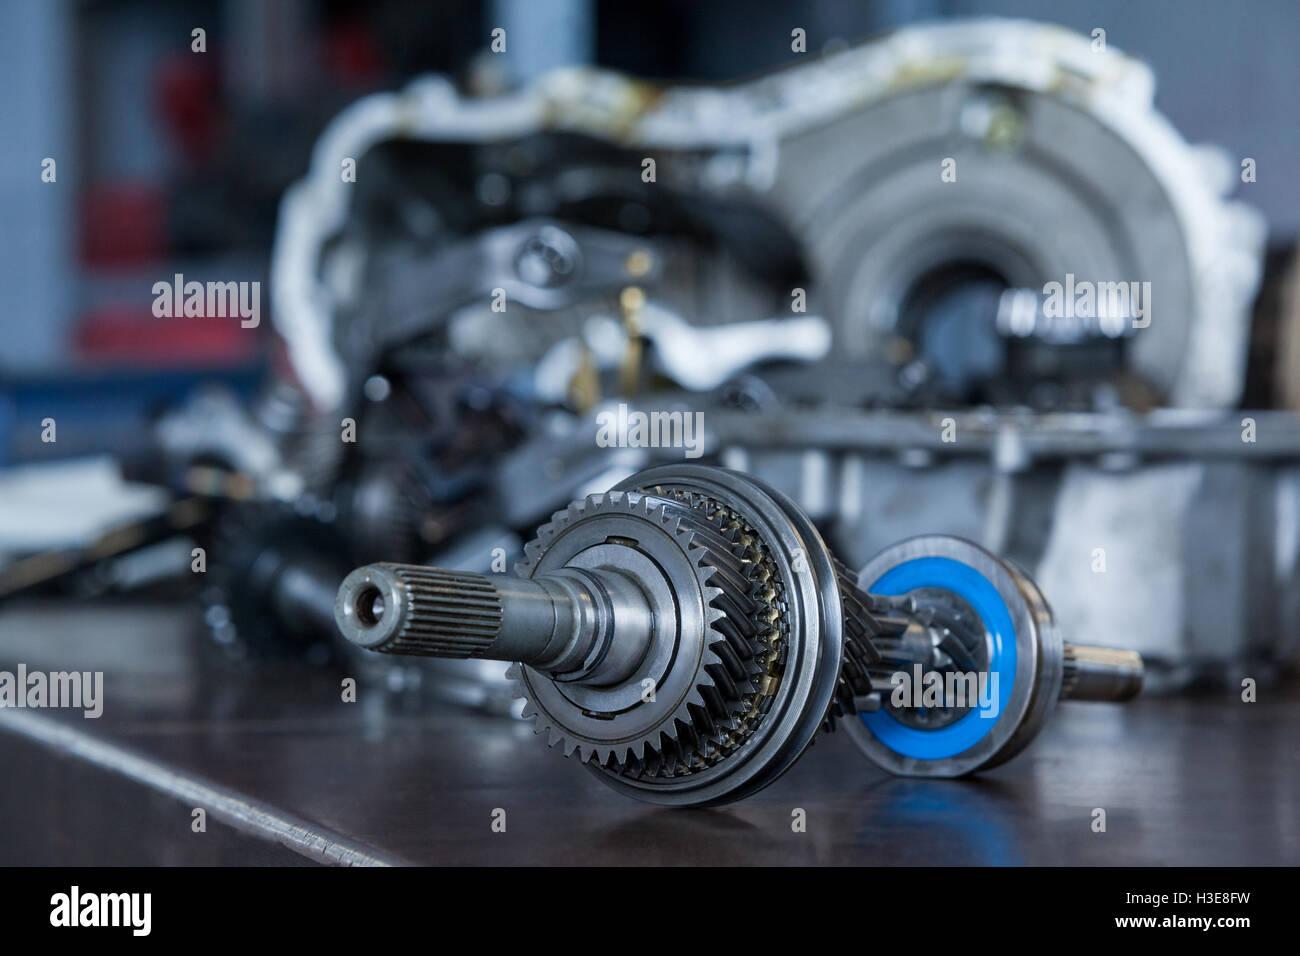 Parts Tools Stockfotos & Parts Tools Bilder - Seite 3 - Alamy